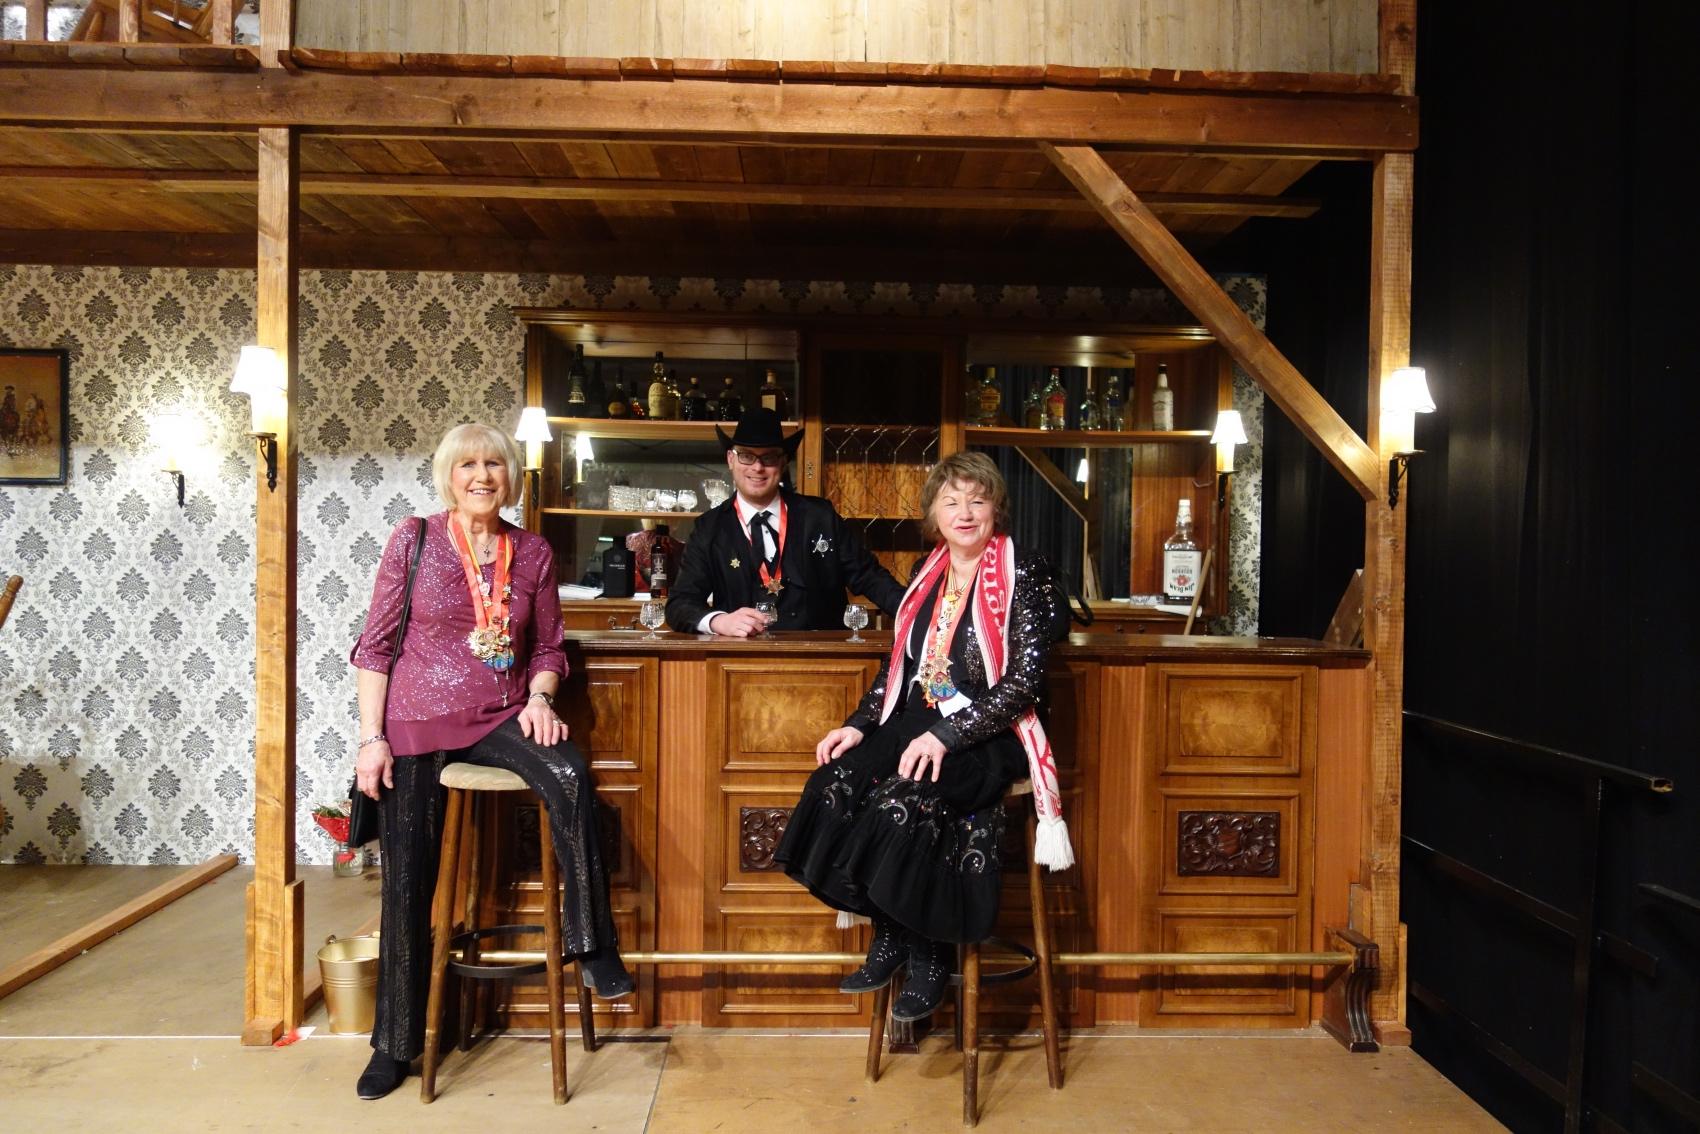 2019-02-24 054RH TR-Irsch Ordensfest Brigitte Liesel David im Saloon.jpg